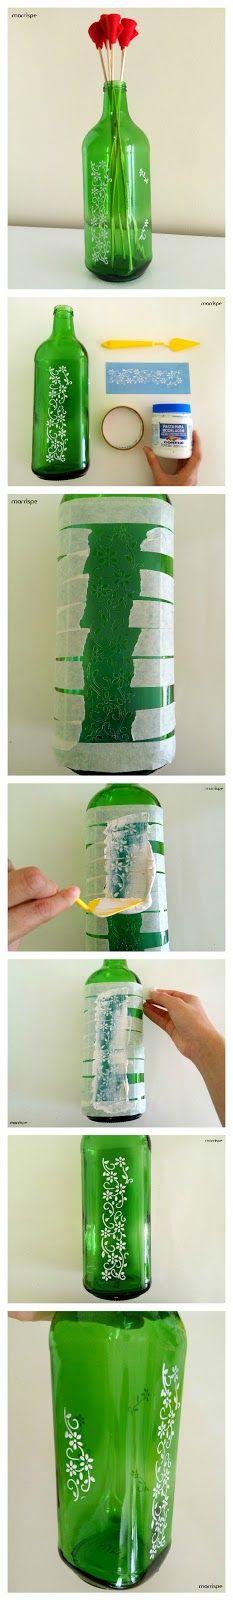 Tutorial de como transformar garrafa de suco de uva em vaso decorativo  #artesanato #decoracao #diy #reciclagem #vidro #garrafa #facavocemesmo #tutorial #dica #ideia #criacao #blog #marrispe